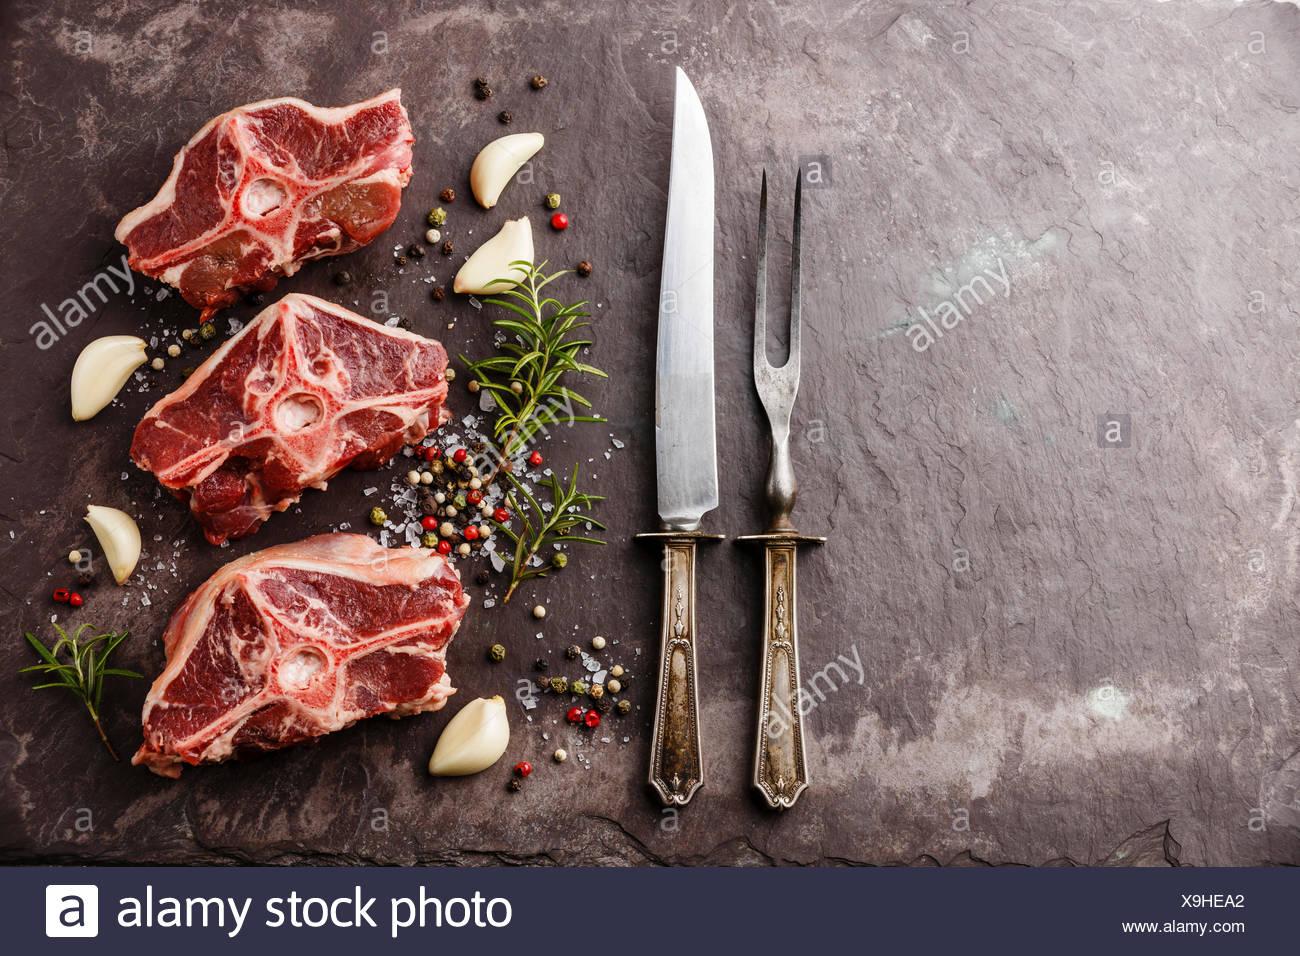 Carne fresca cruda cordero silla de cordero con hierbas y especias en la placa de pizarra de piedra Imagen De Stock